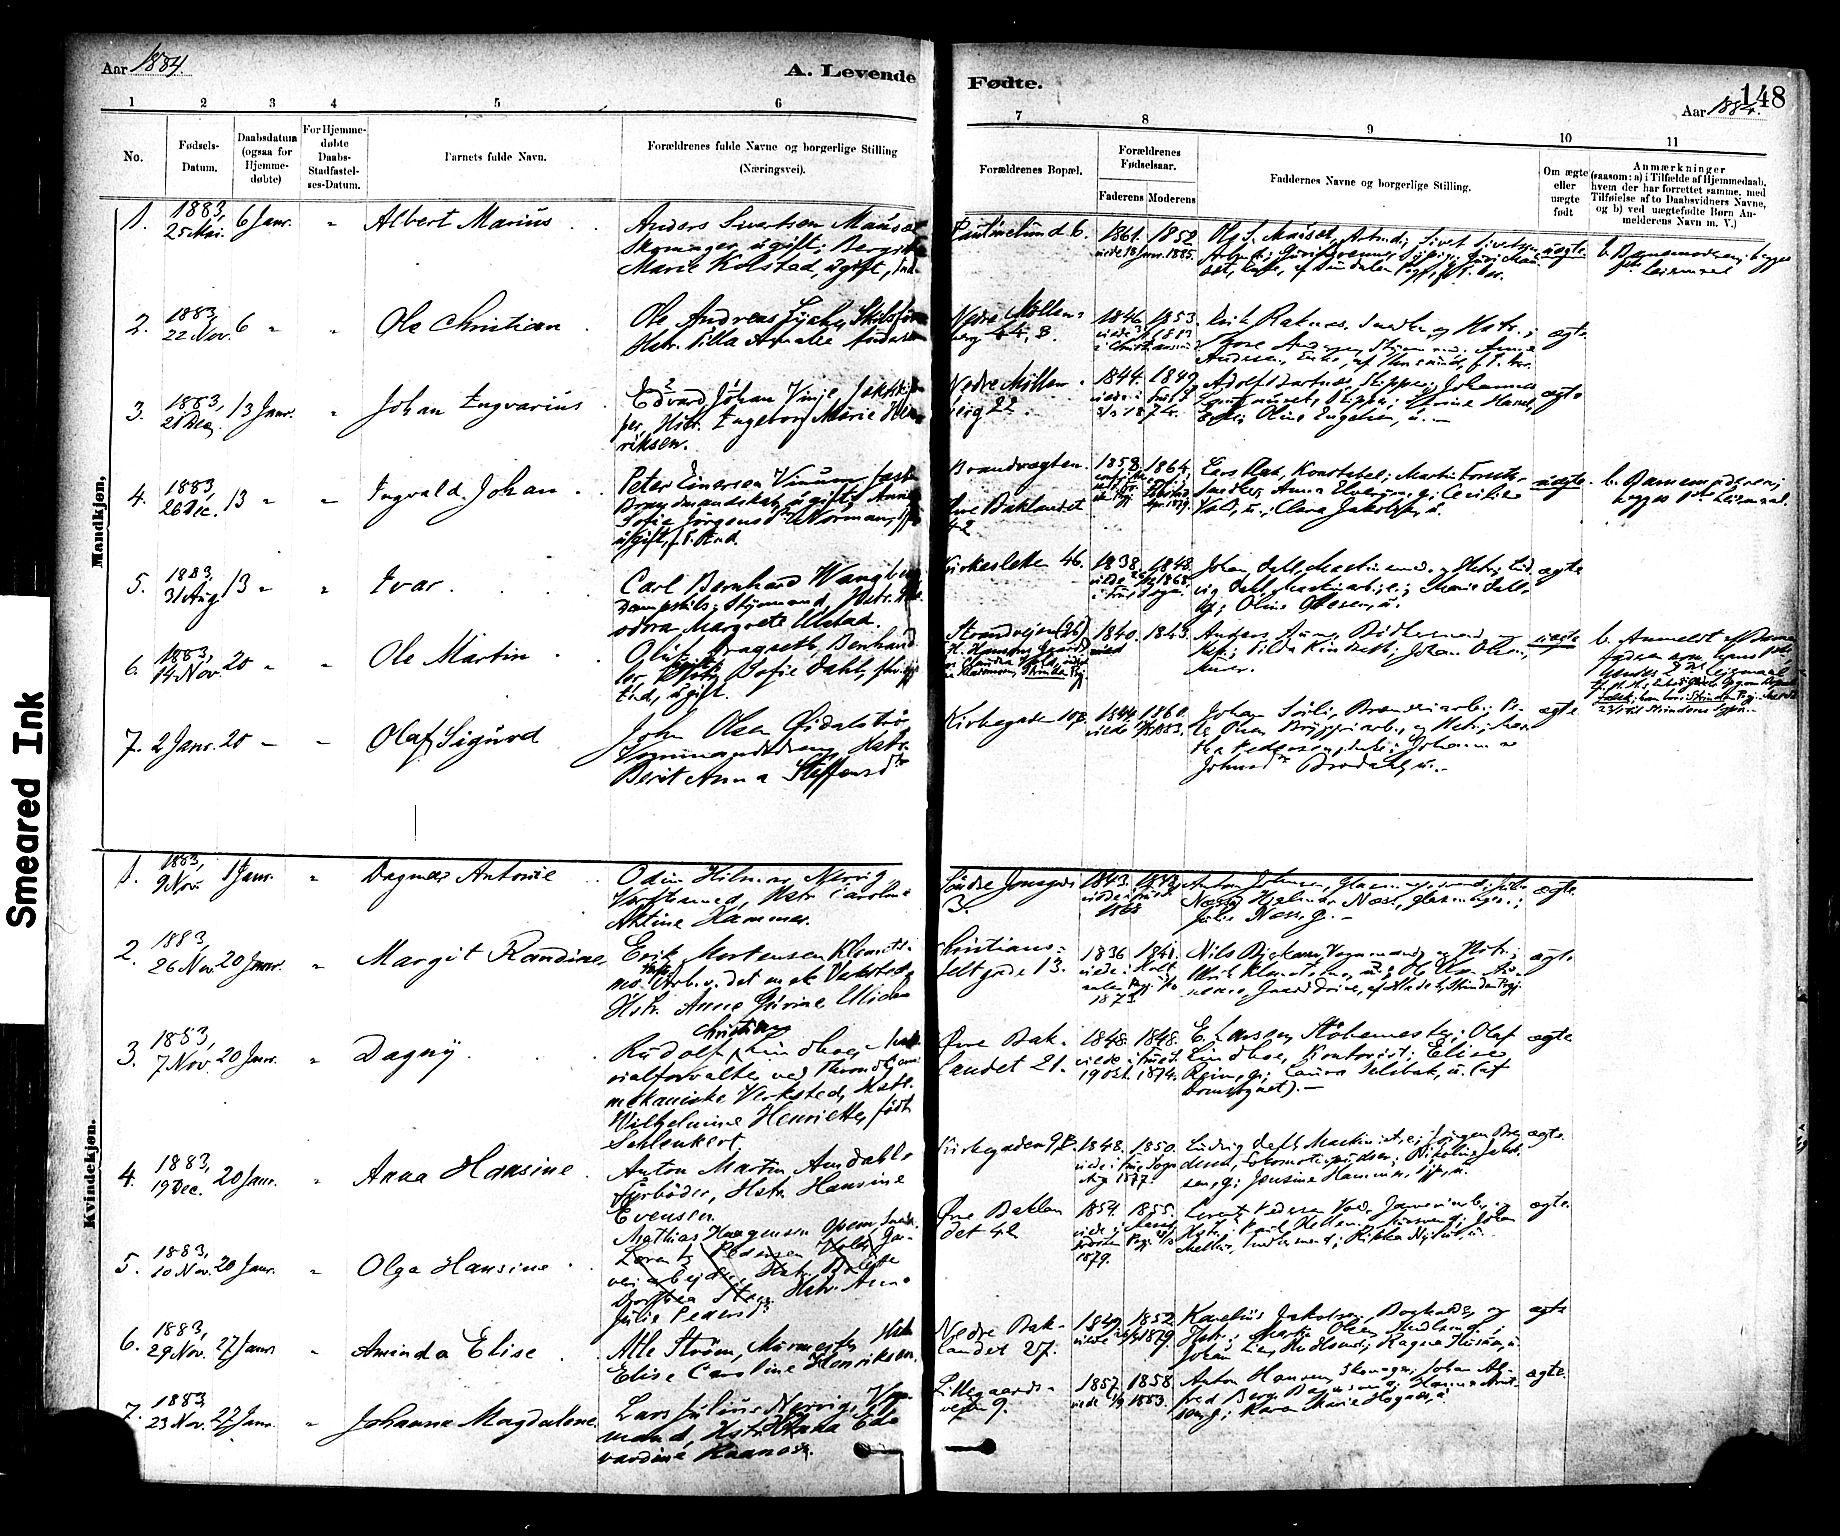 SAT, Ministerialprotokoller, klokkerbøker og fødselsregistre - Sør-Trøndelag, 604/L0188: Ministerialbok nr. 604A09, 1878-1892, s. 148